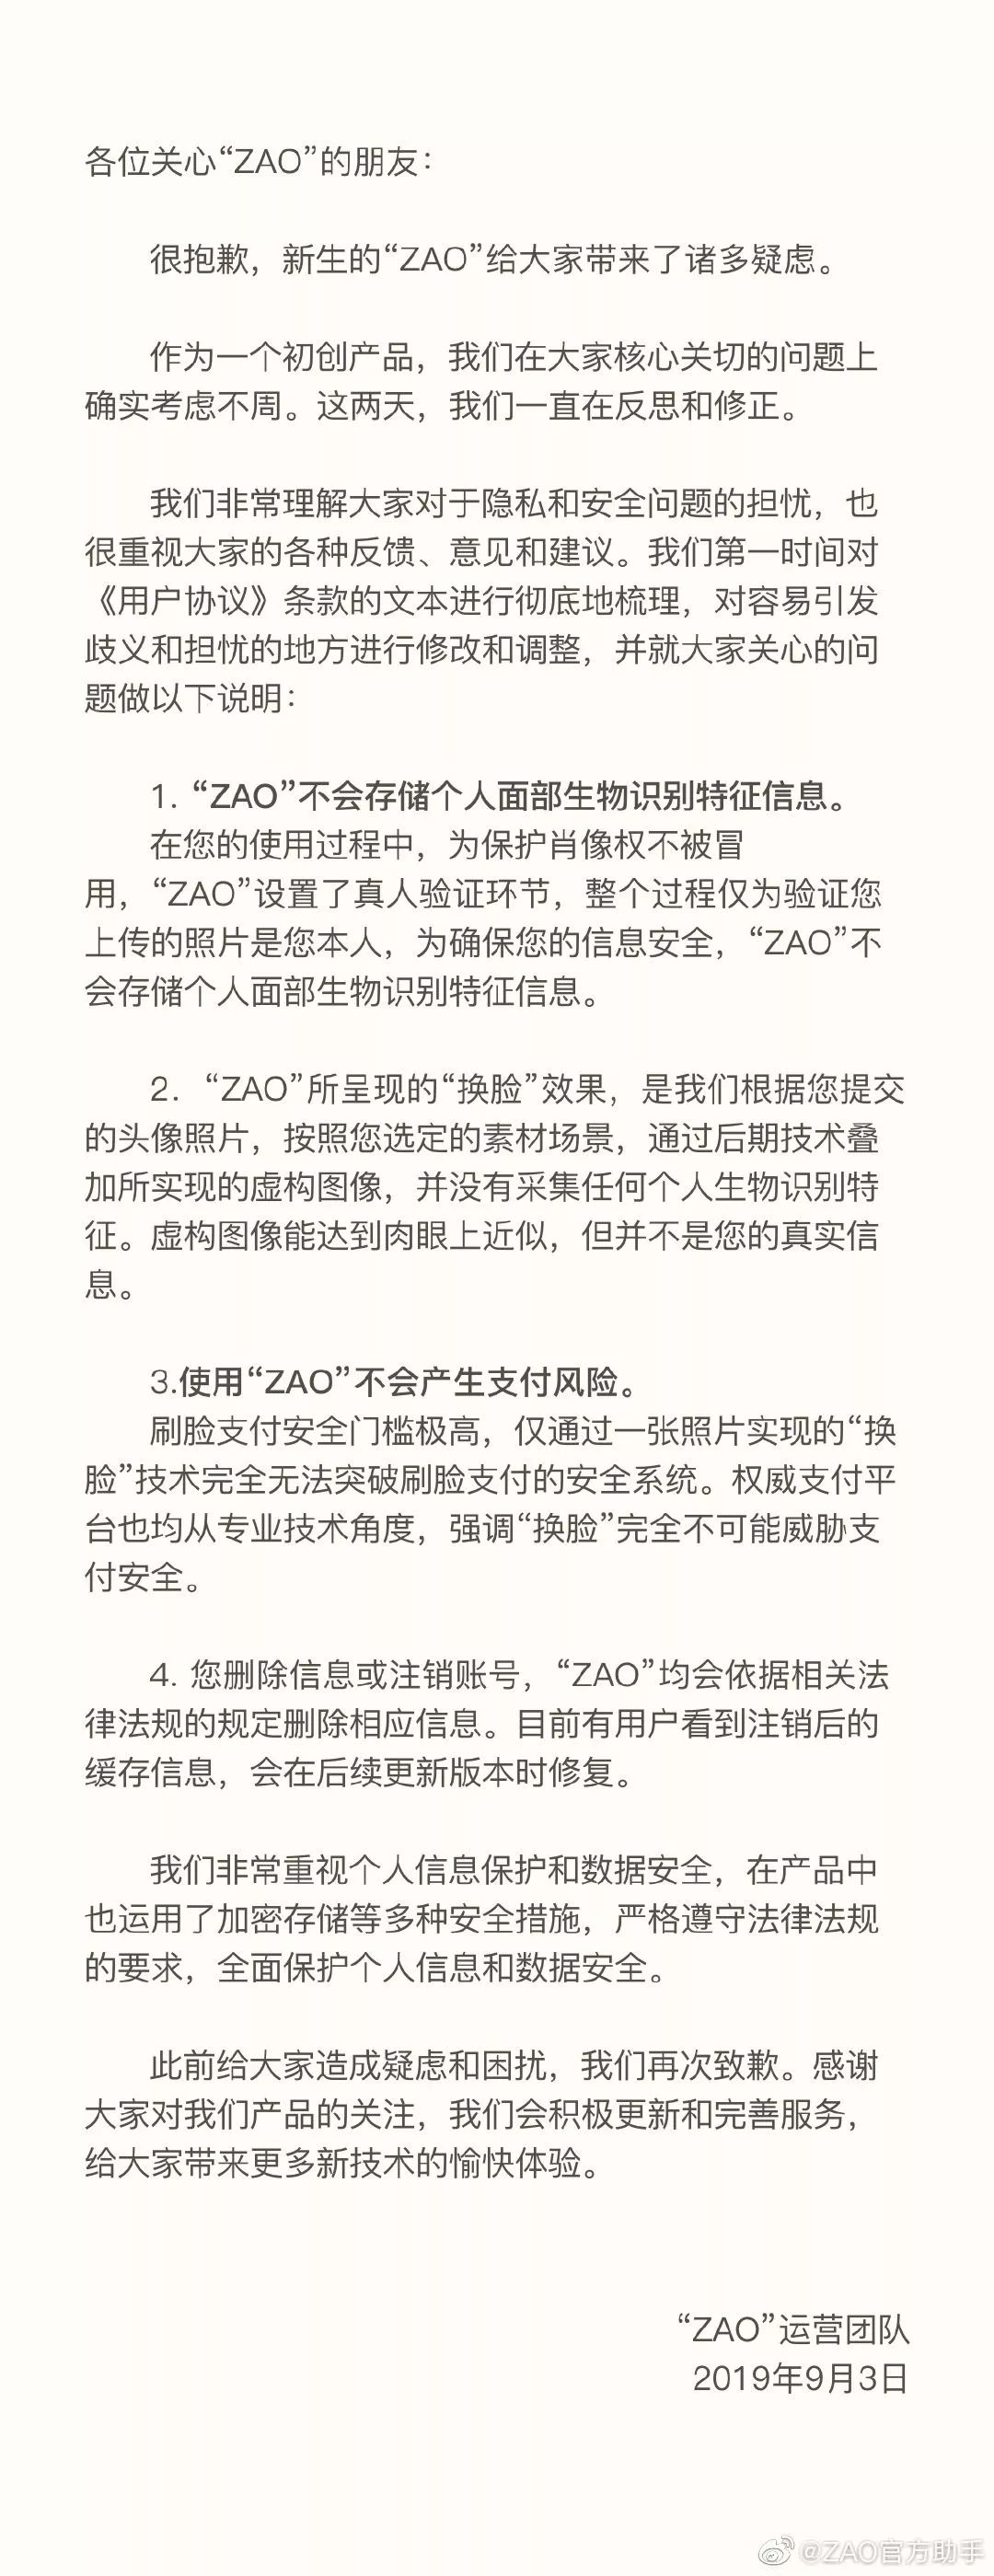 """ZAO致歉 ZAO""""AI换脸""""争议后公开道歉"""